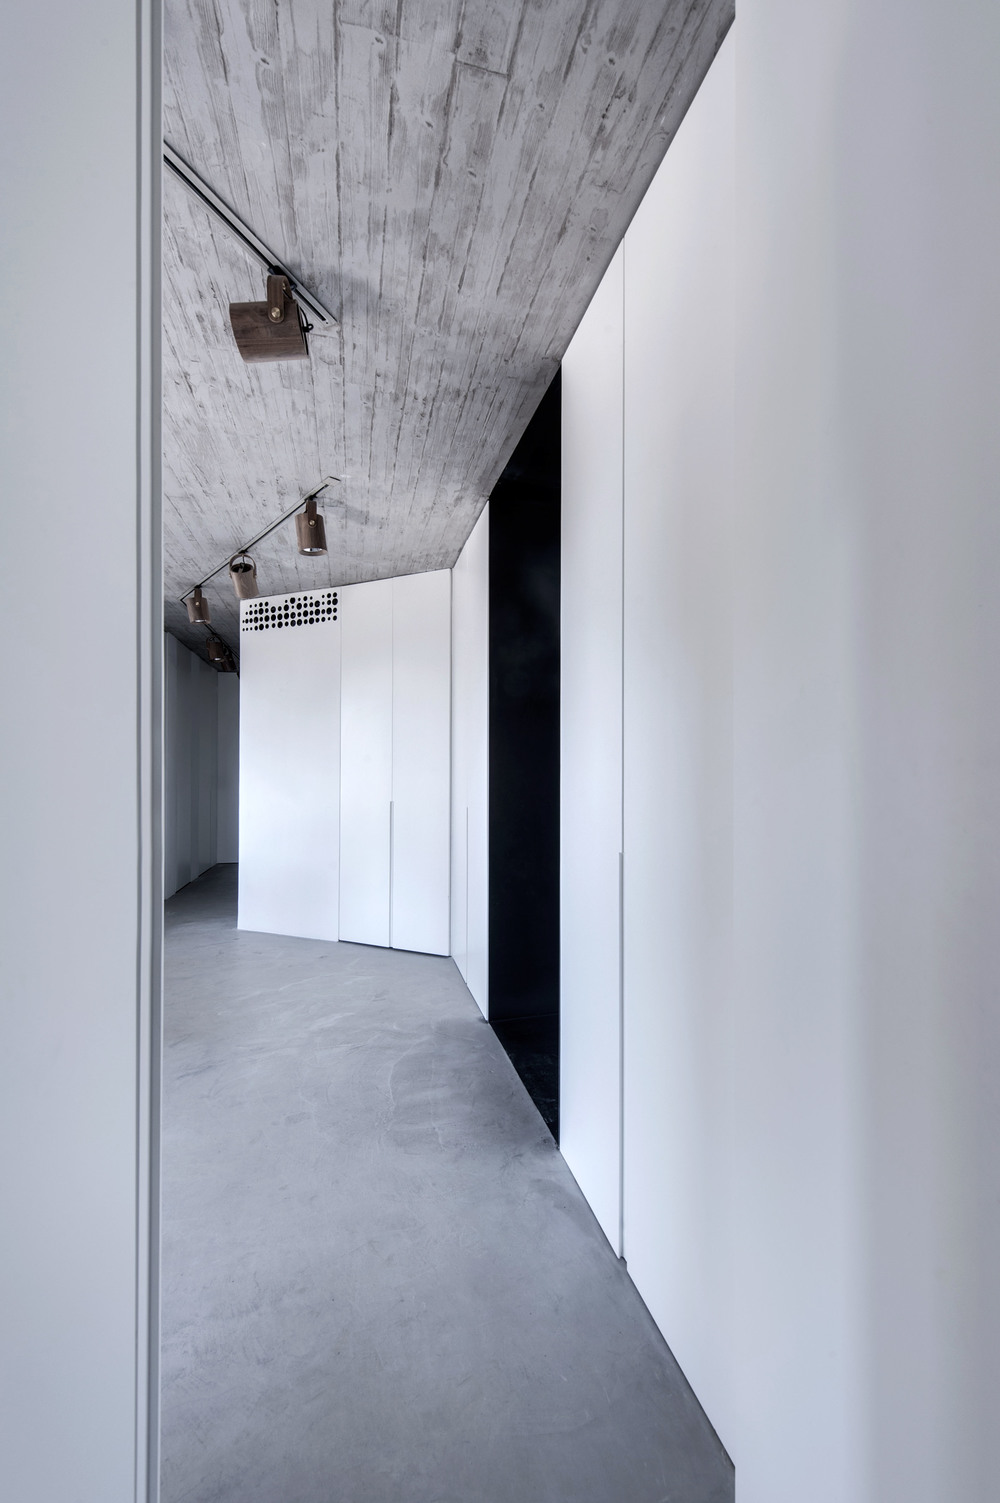 couloirs.jpg